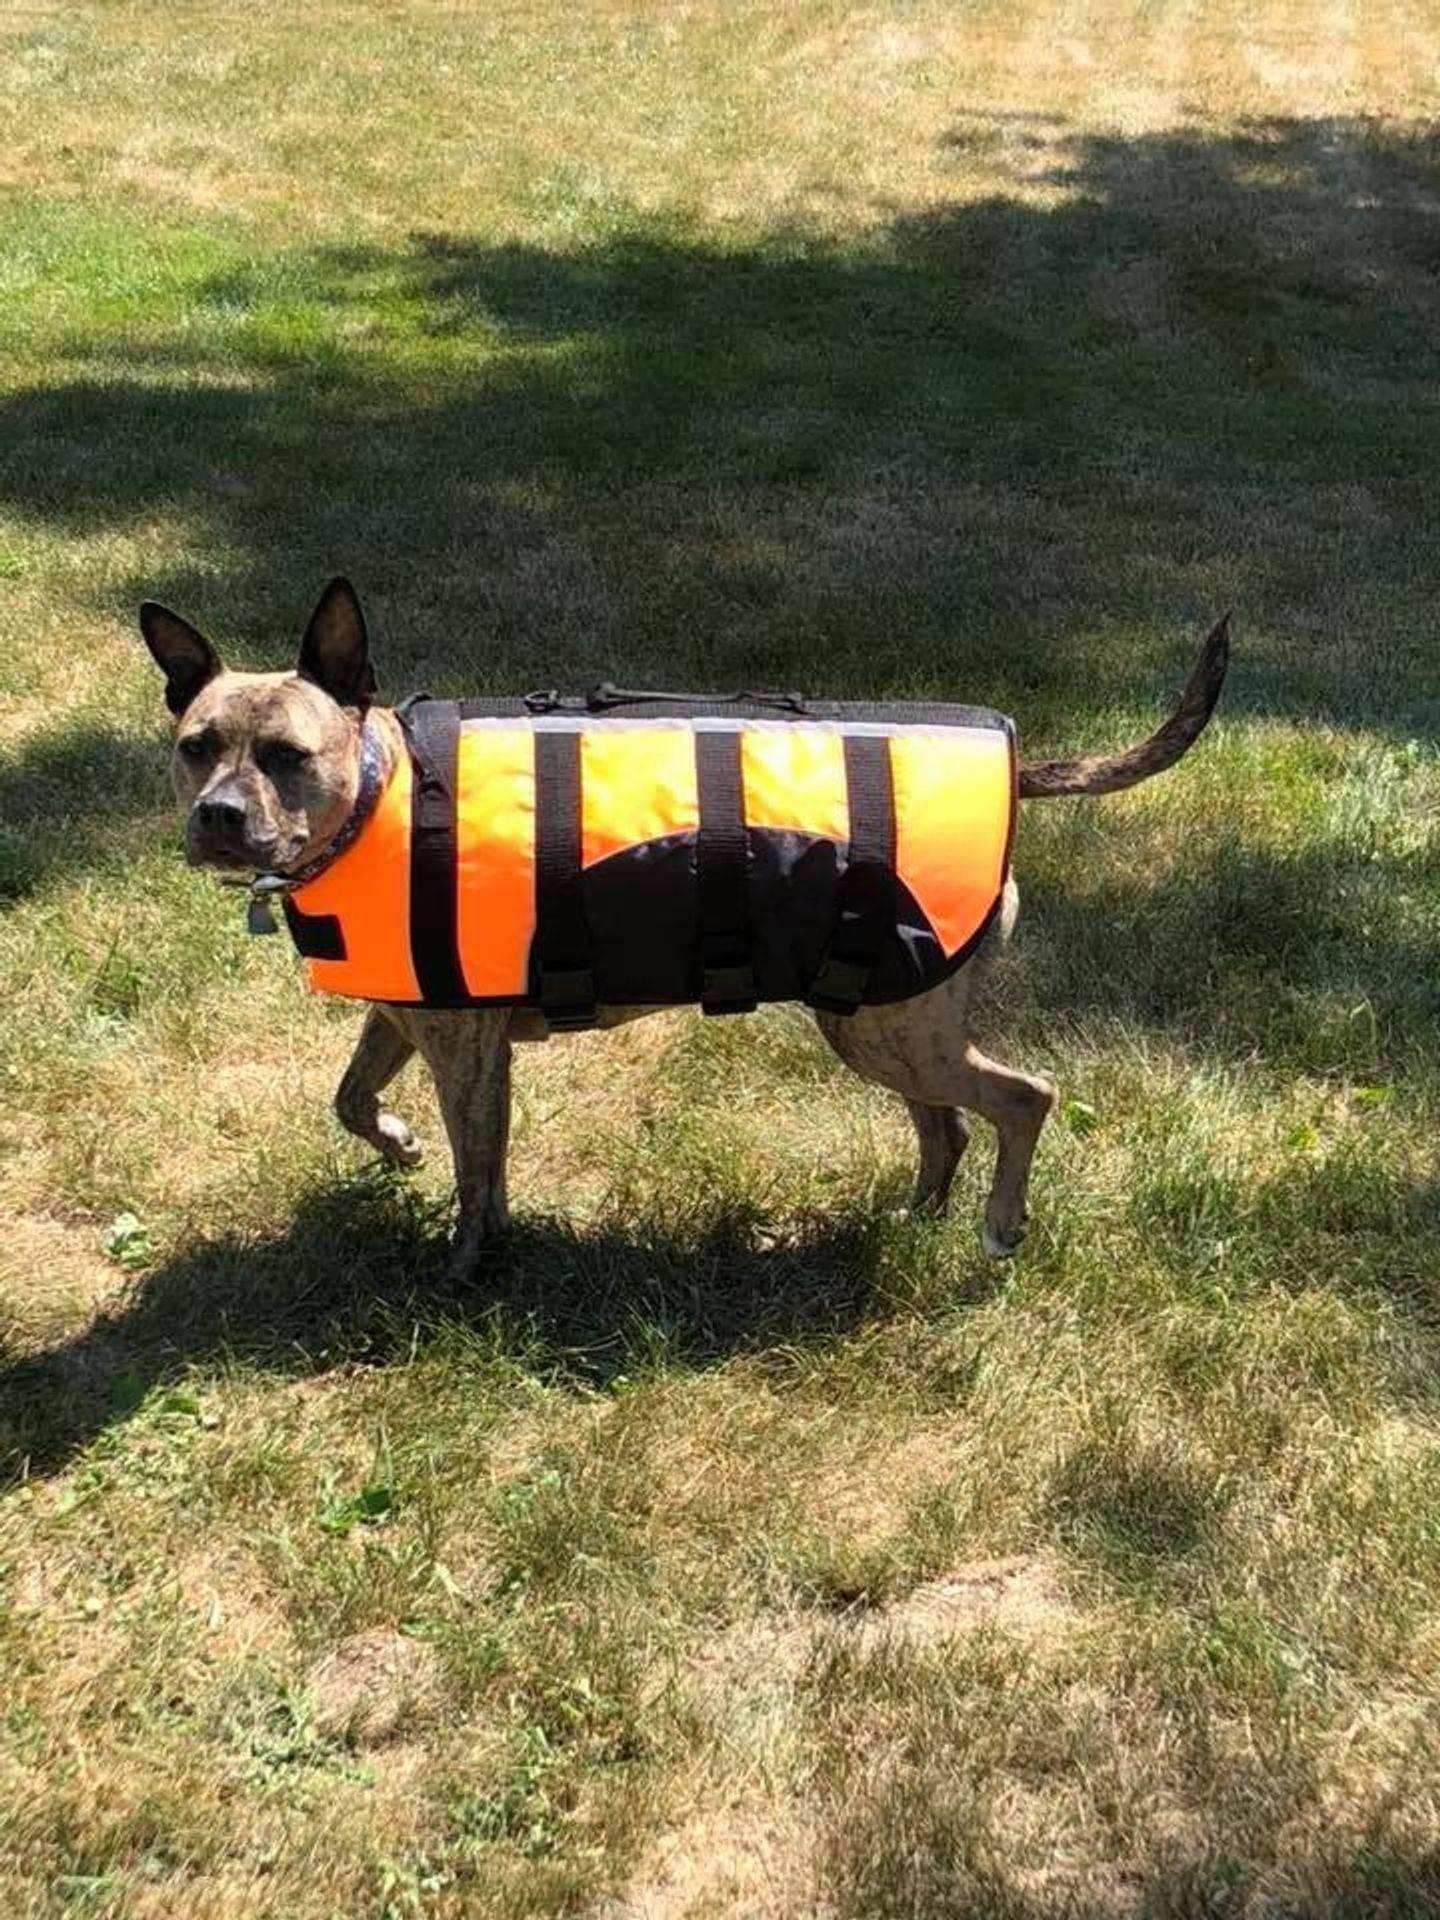 Pandora modeling life jacket